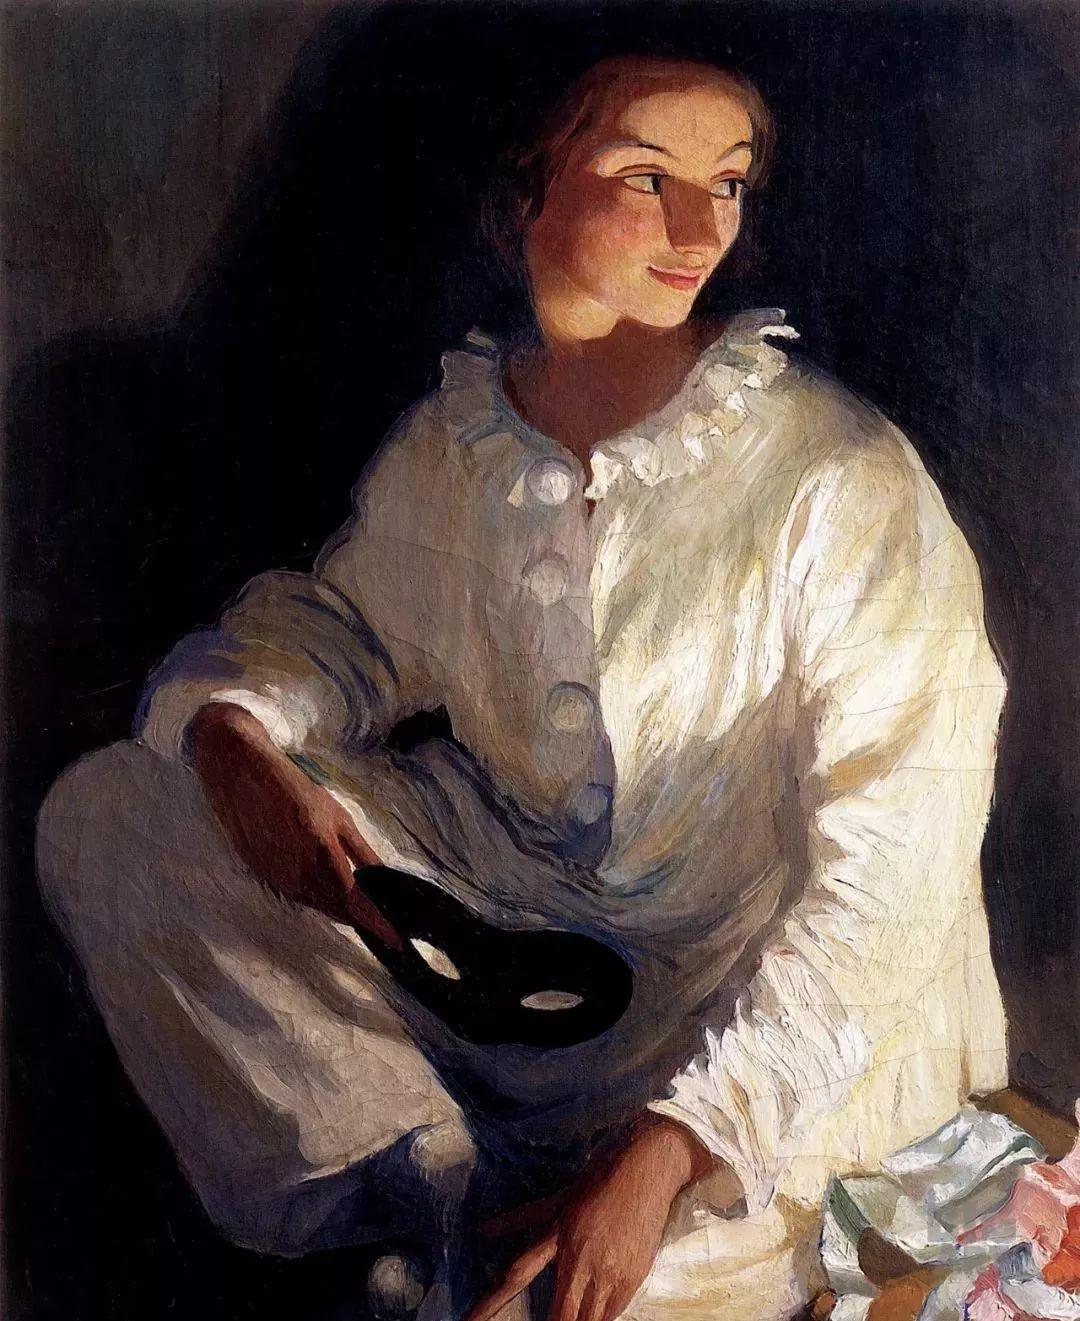 俄罗斯第一位女性画家Zinaida Serebriakova插图3